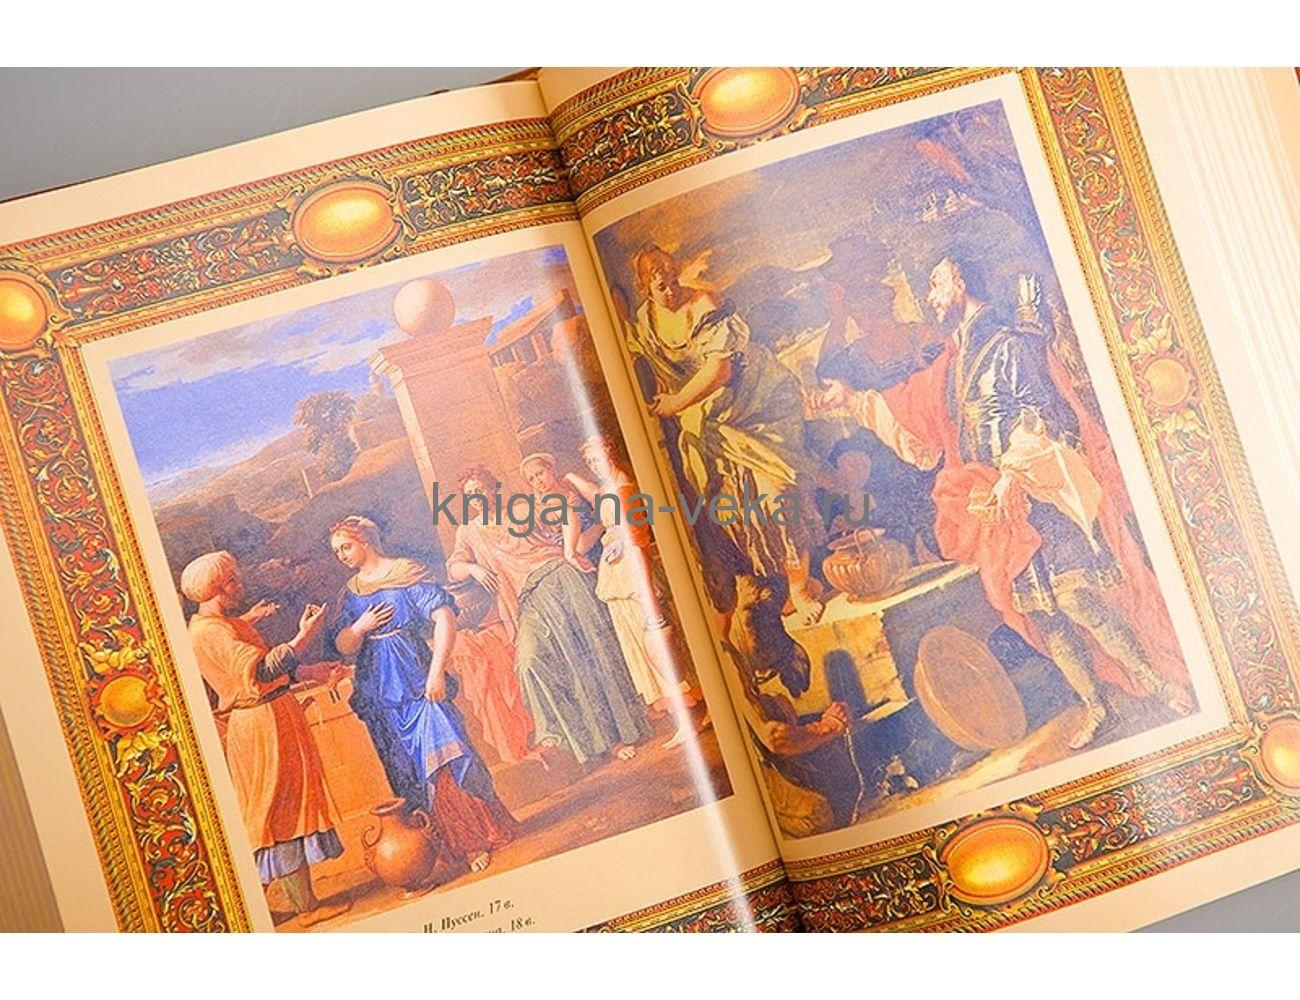 Книга В.П. Бутромеева «Библия. 2000 лет в мировом изобразительном искусстве» в кожаном переплёте с замками